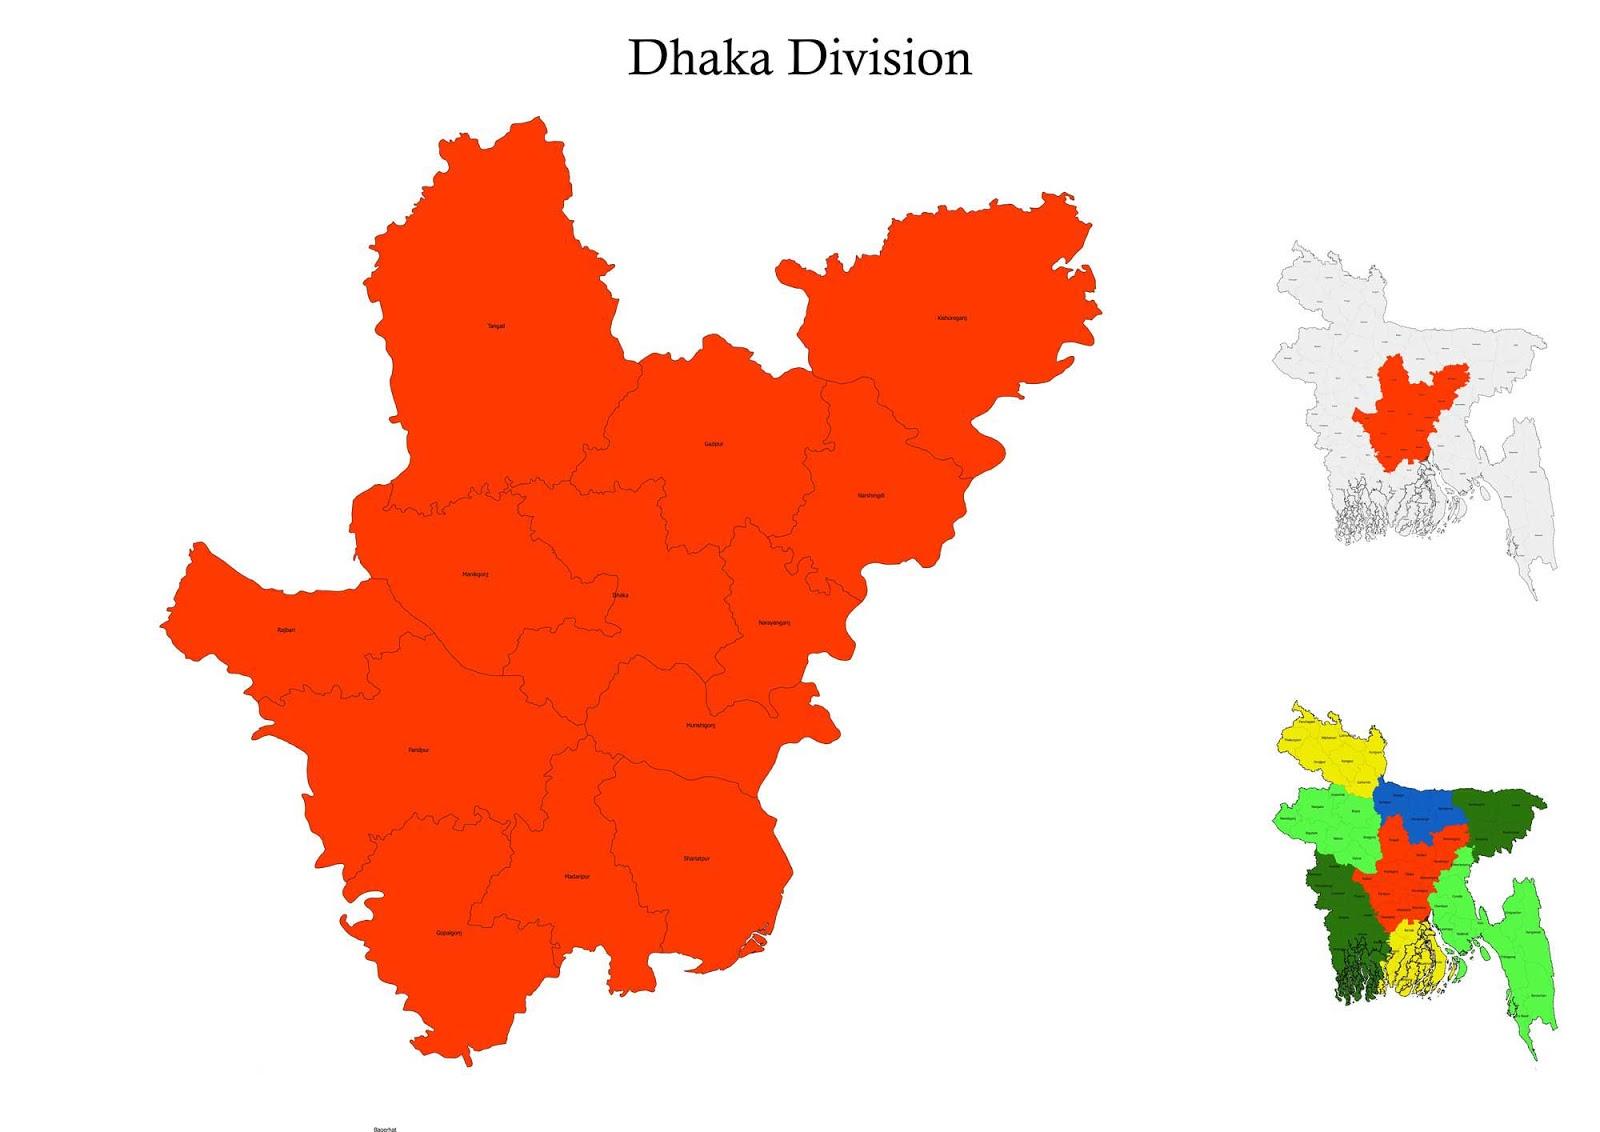 bangladesh map dhaka division Dhaka Division Bangladesh Map Information Localgoogle bangladesh map dhaka division